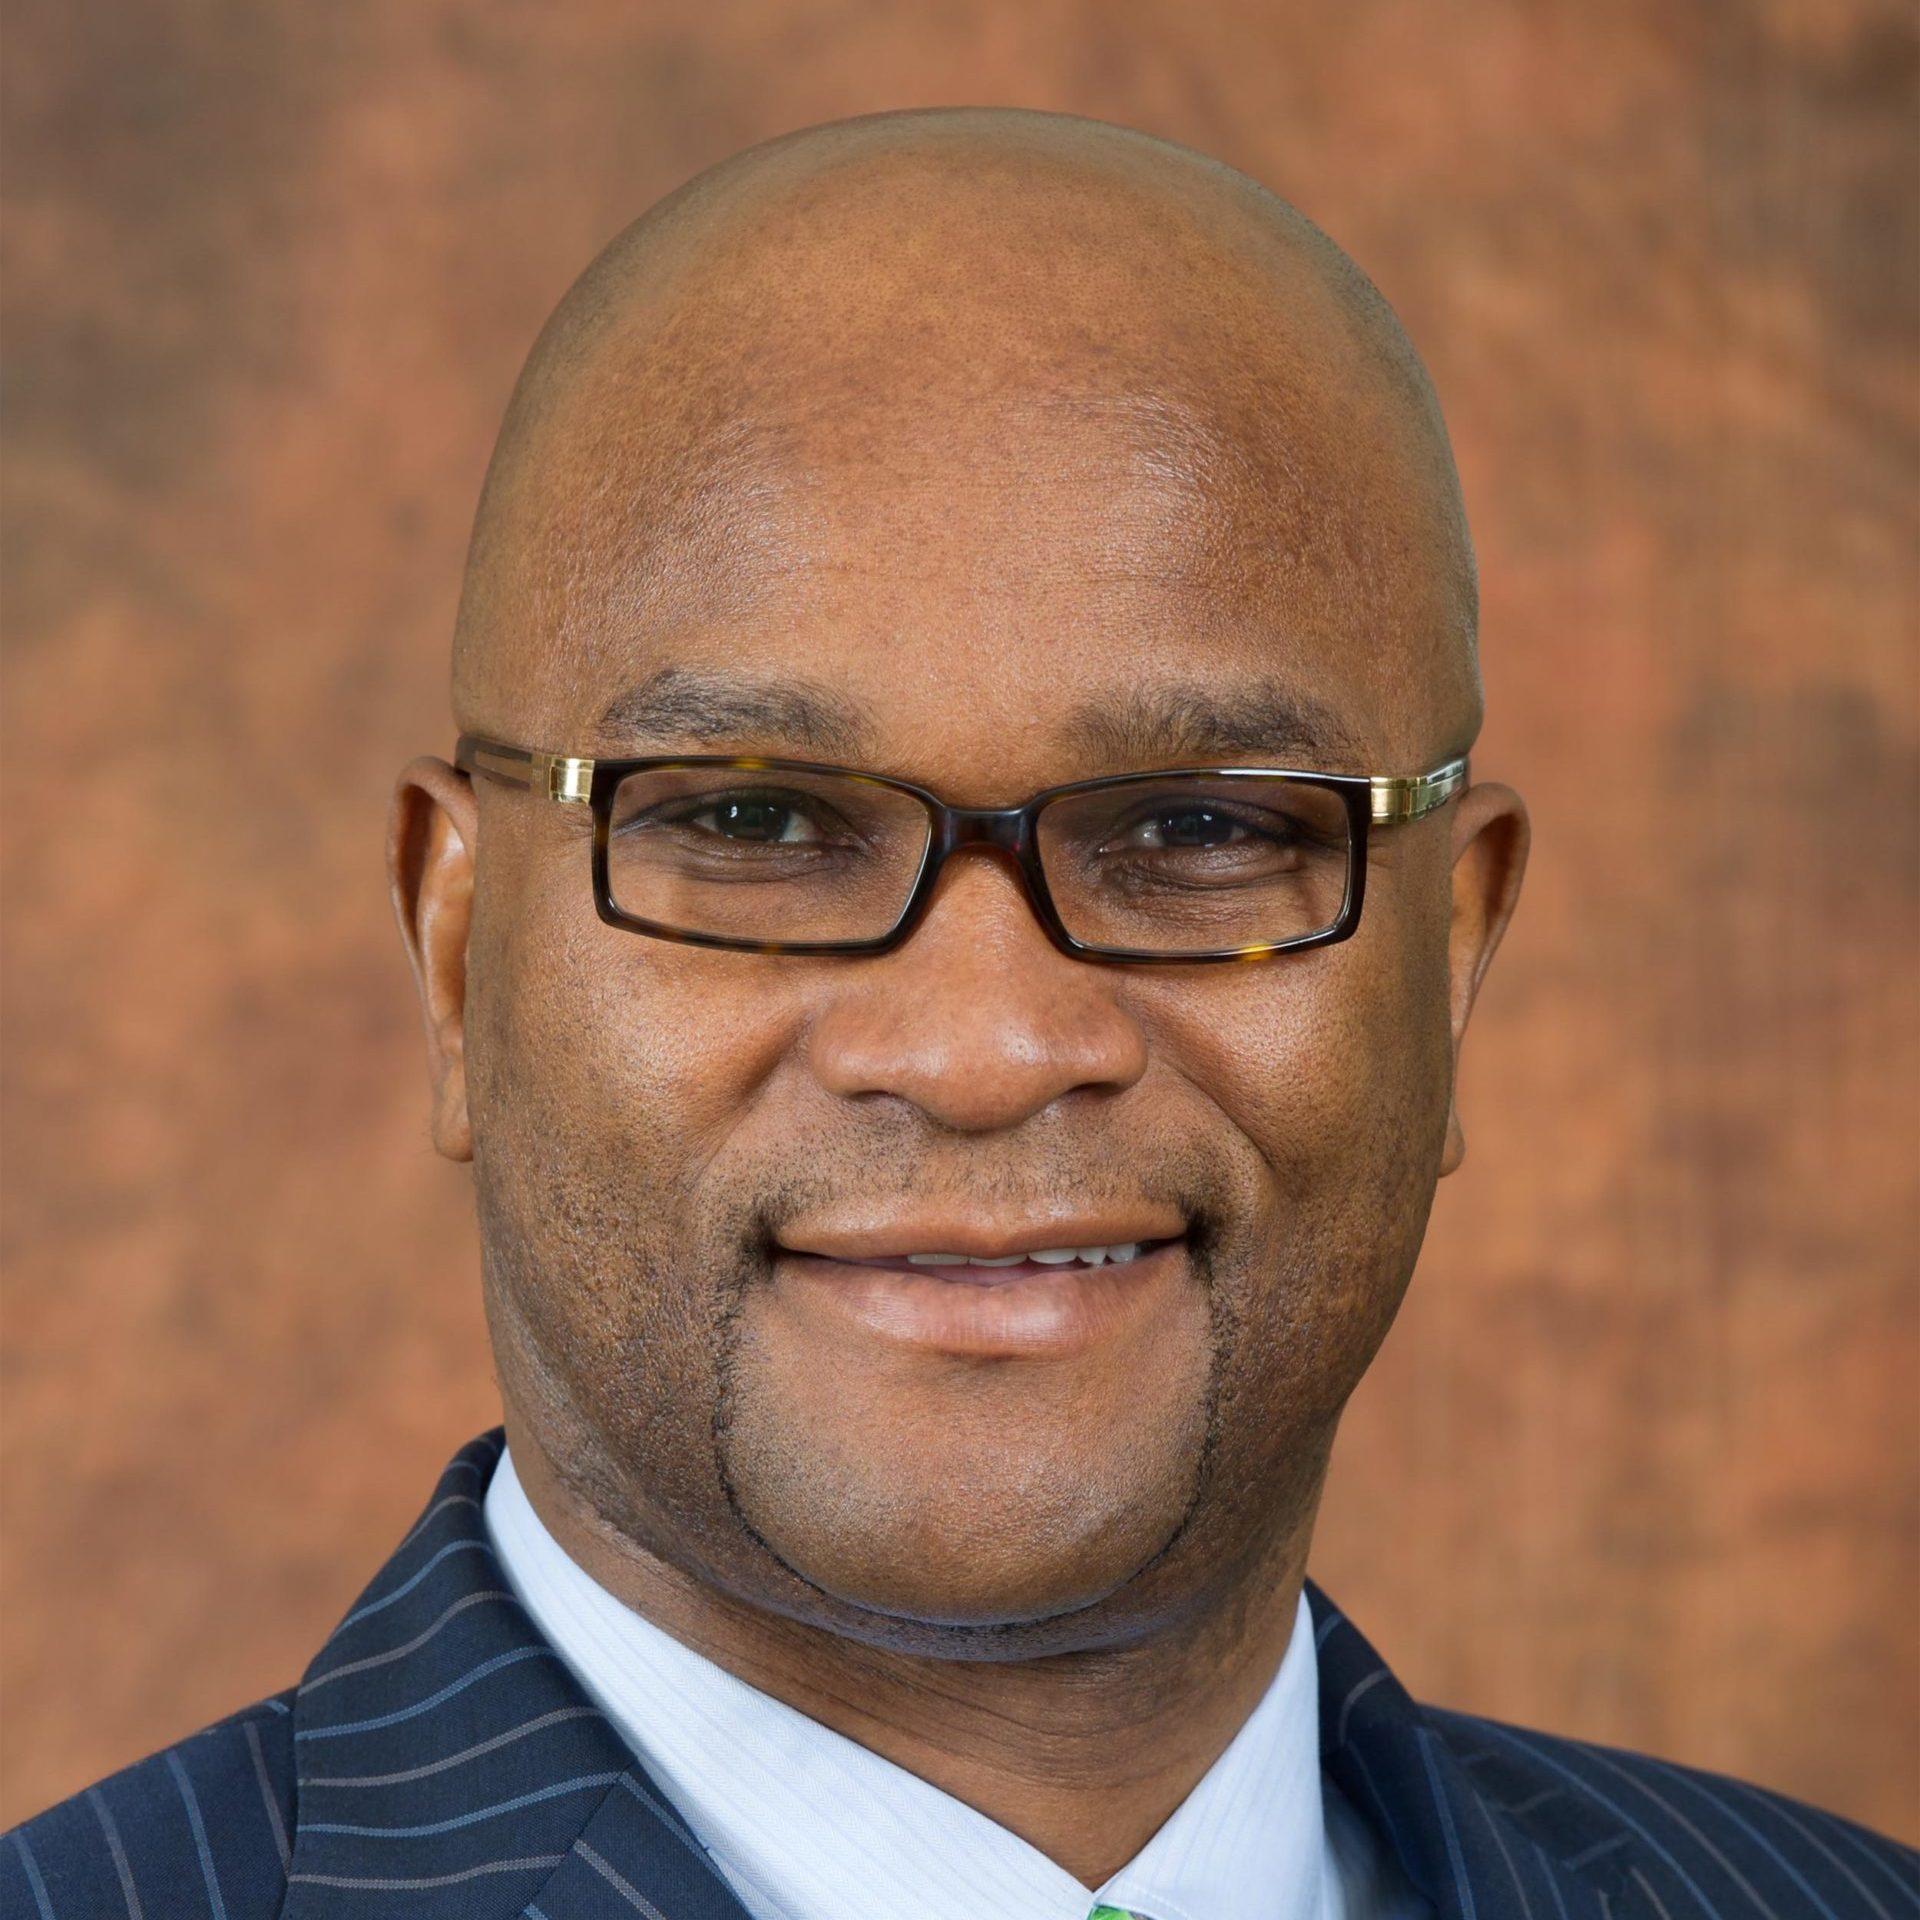 Sport Minister: Nathi Mthethwa